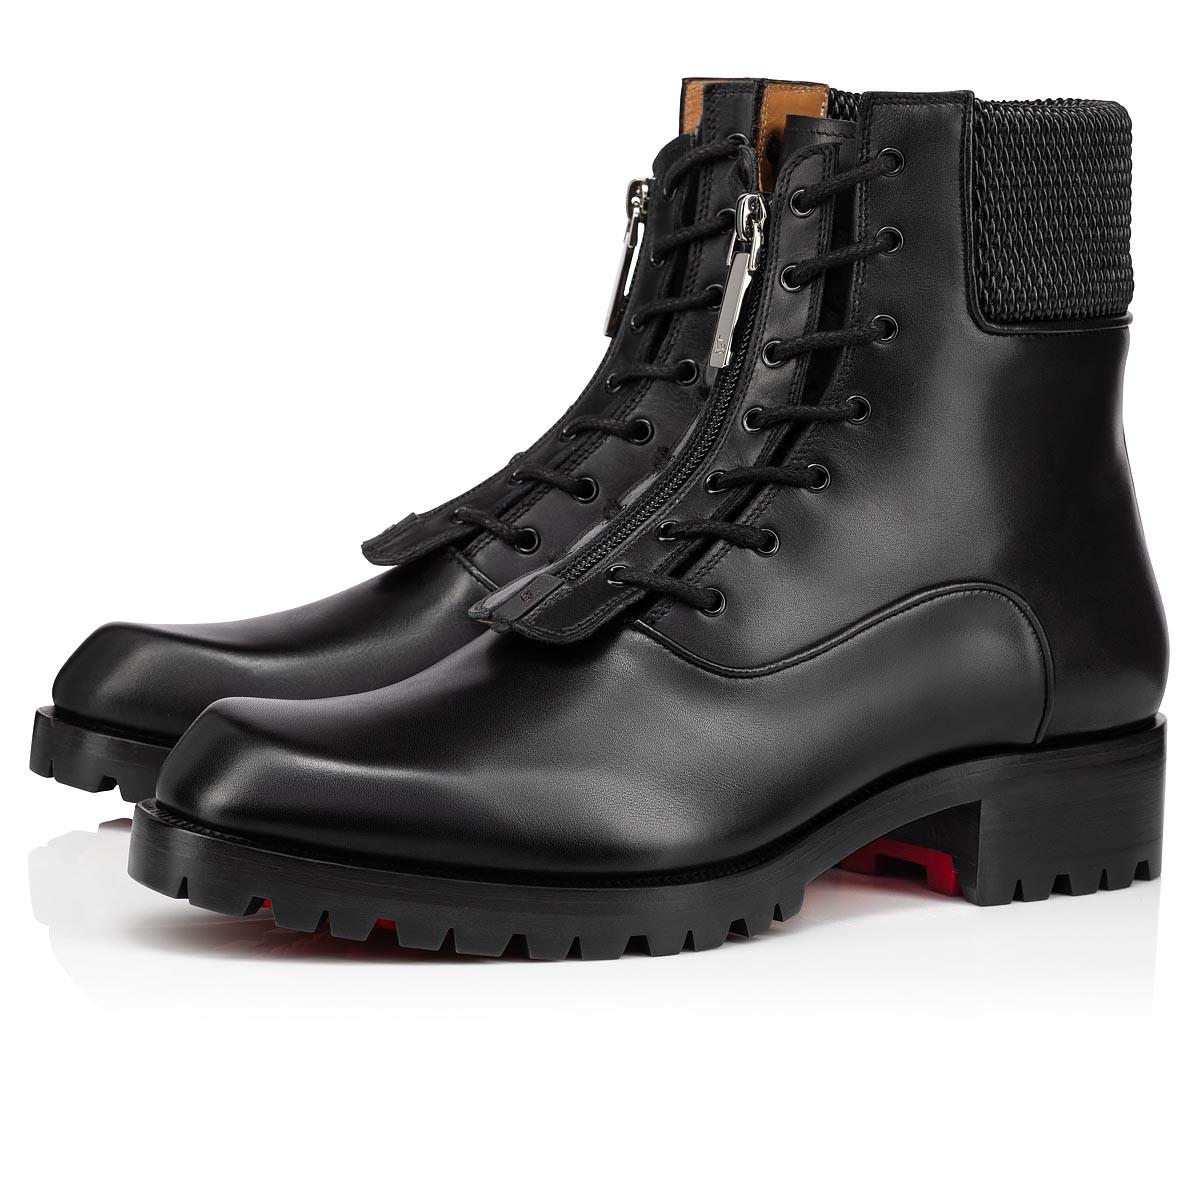 Shoes - Moscou Flat - Christian Louboutin